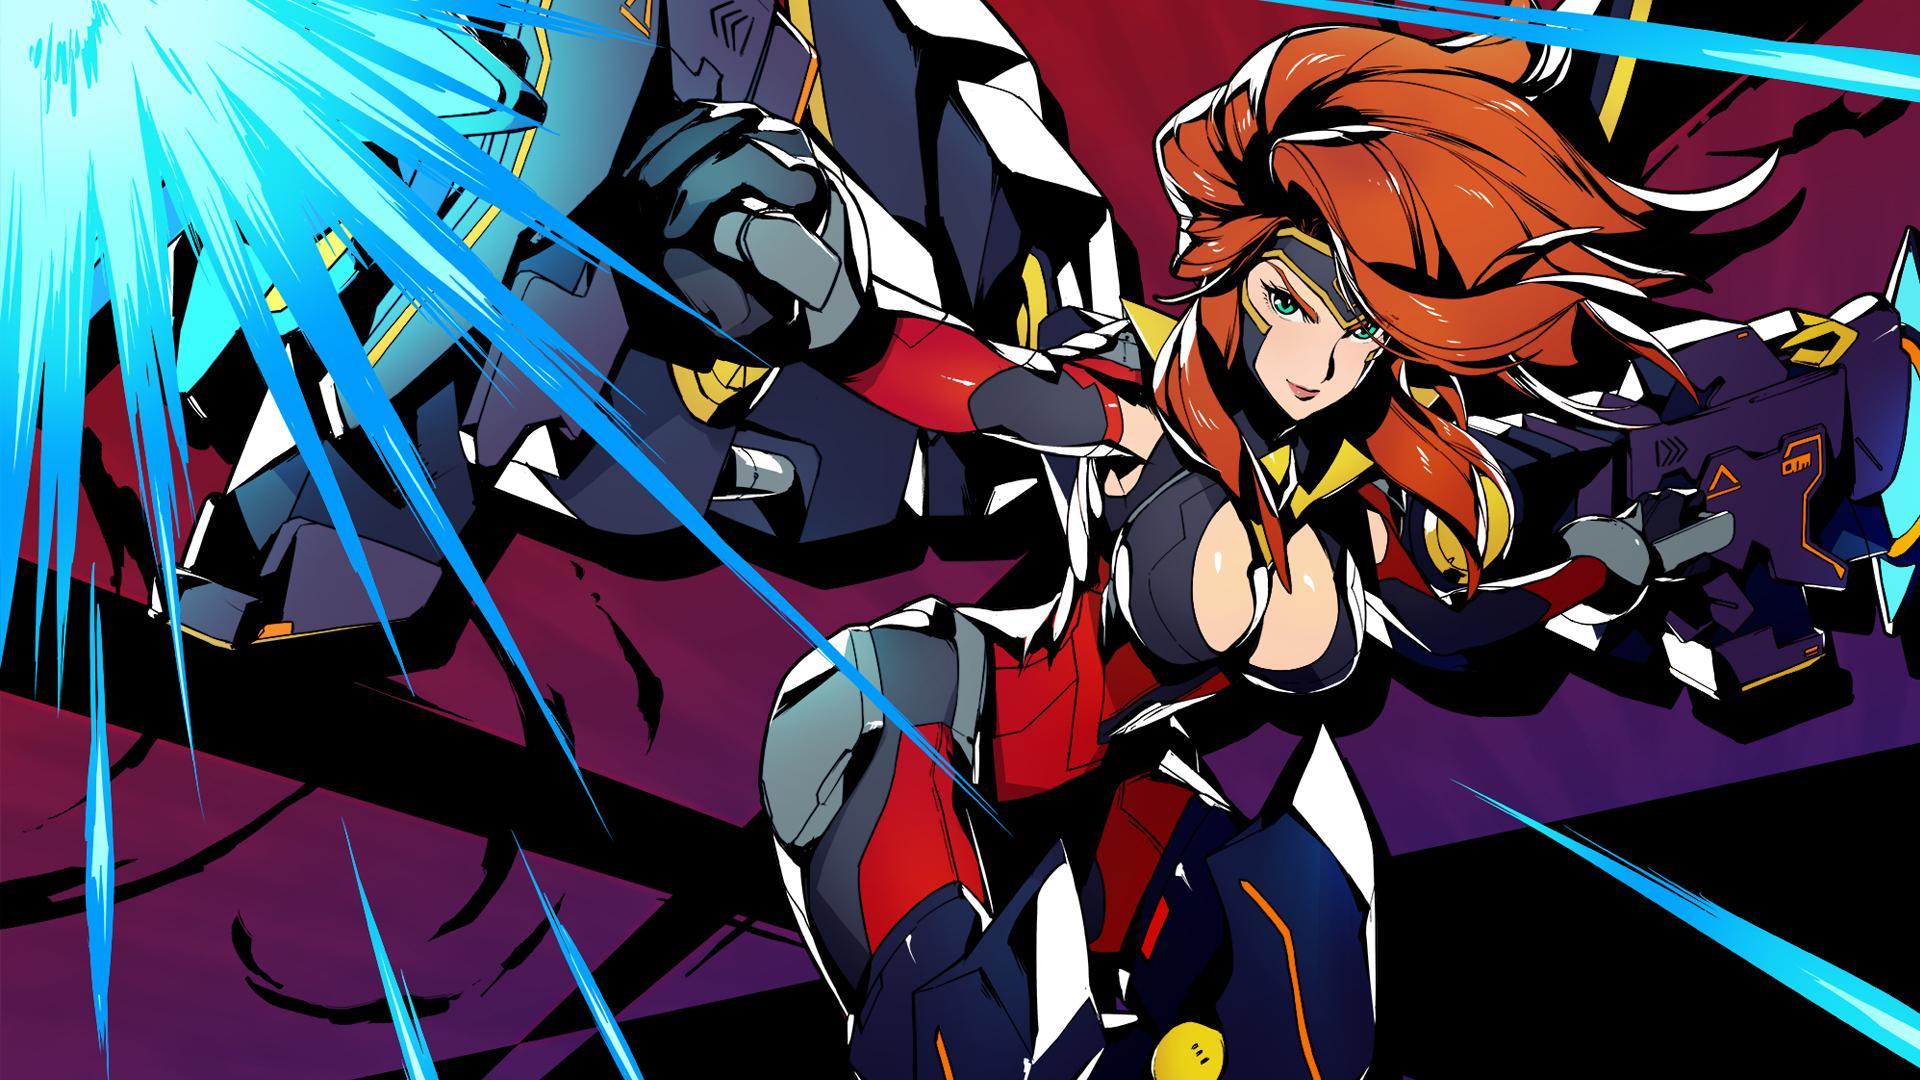 Image Via Riot Games Japanhttps Jp Leagueoflegends Com Ja Page Revenge Wallpaper Download